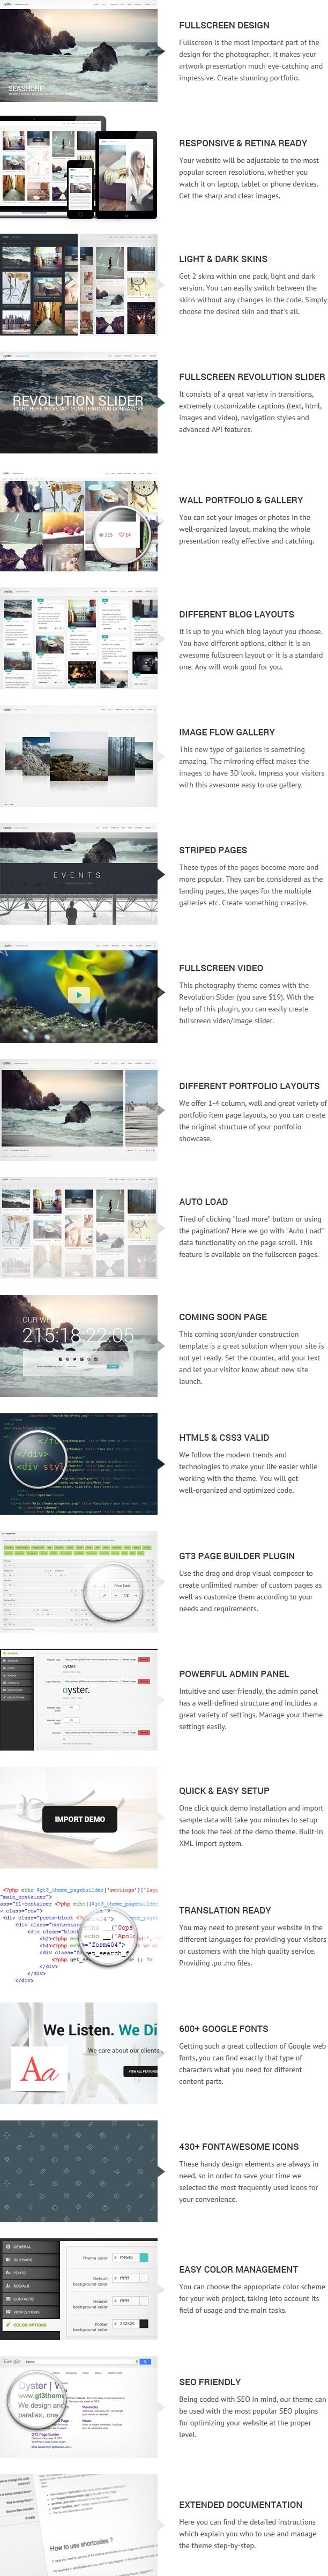 Photography Portfolio WordPress Theme - Oyster - 2